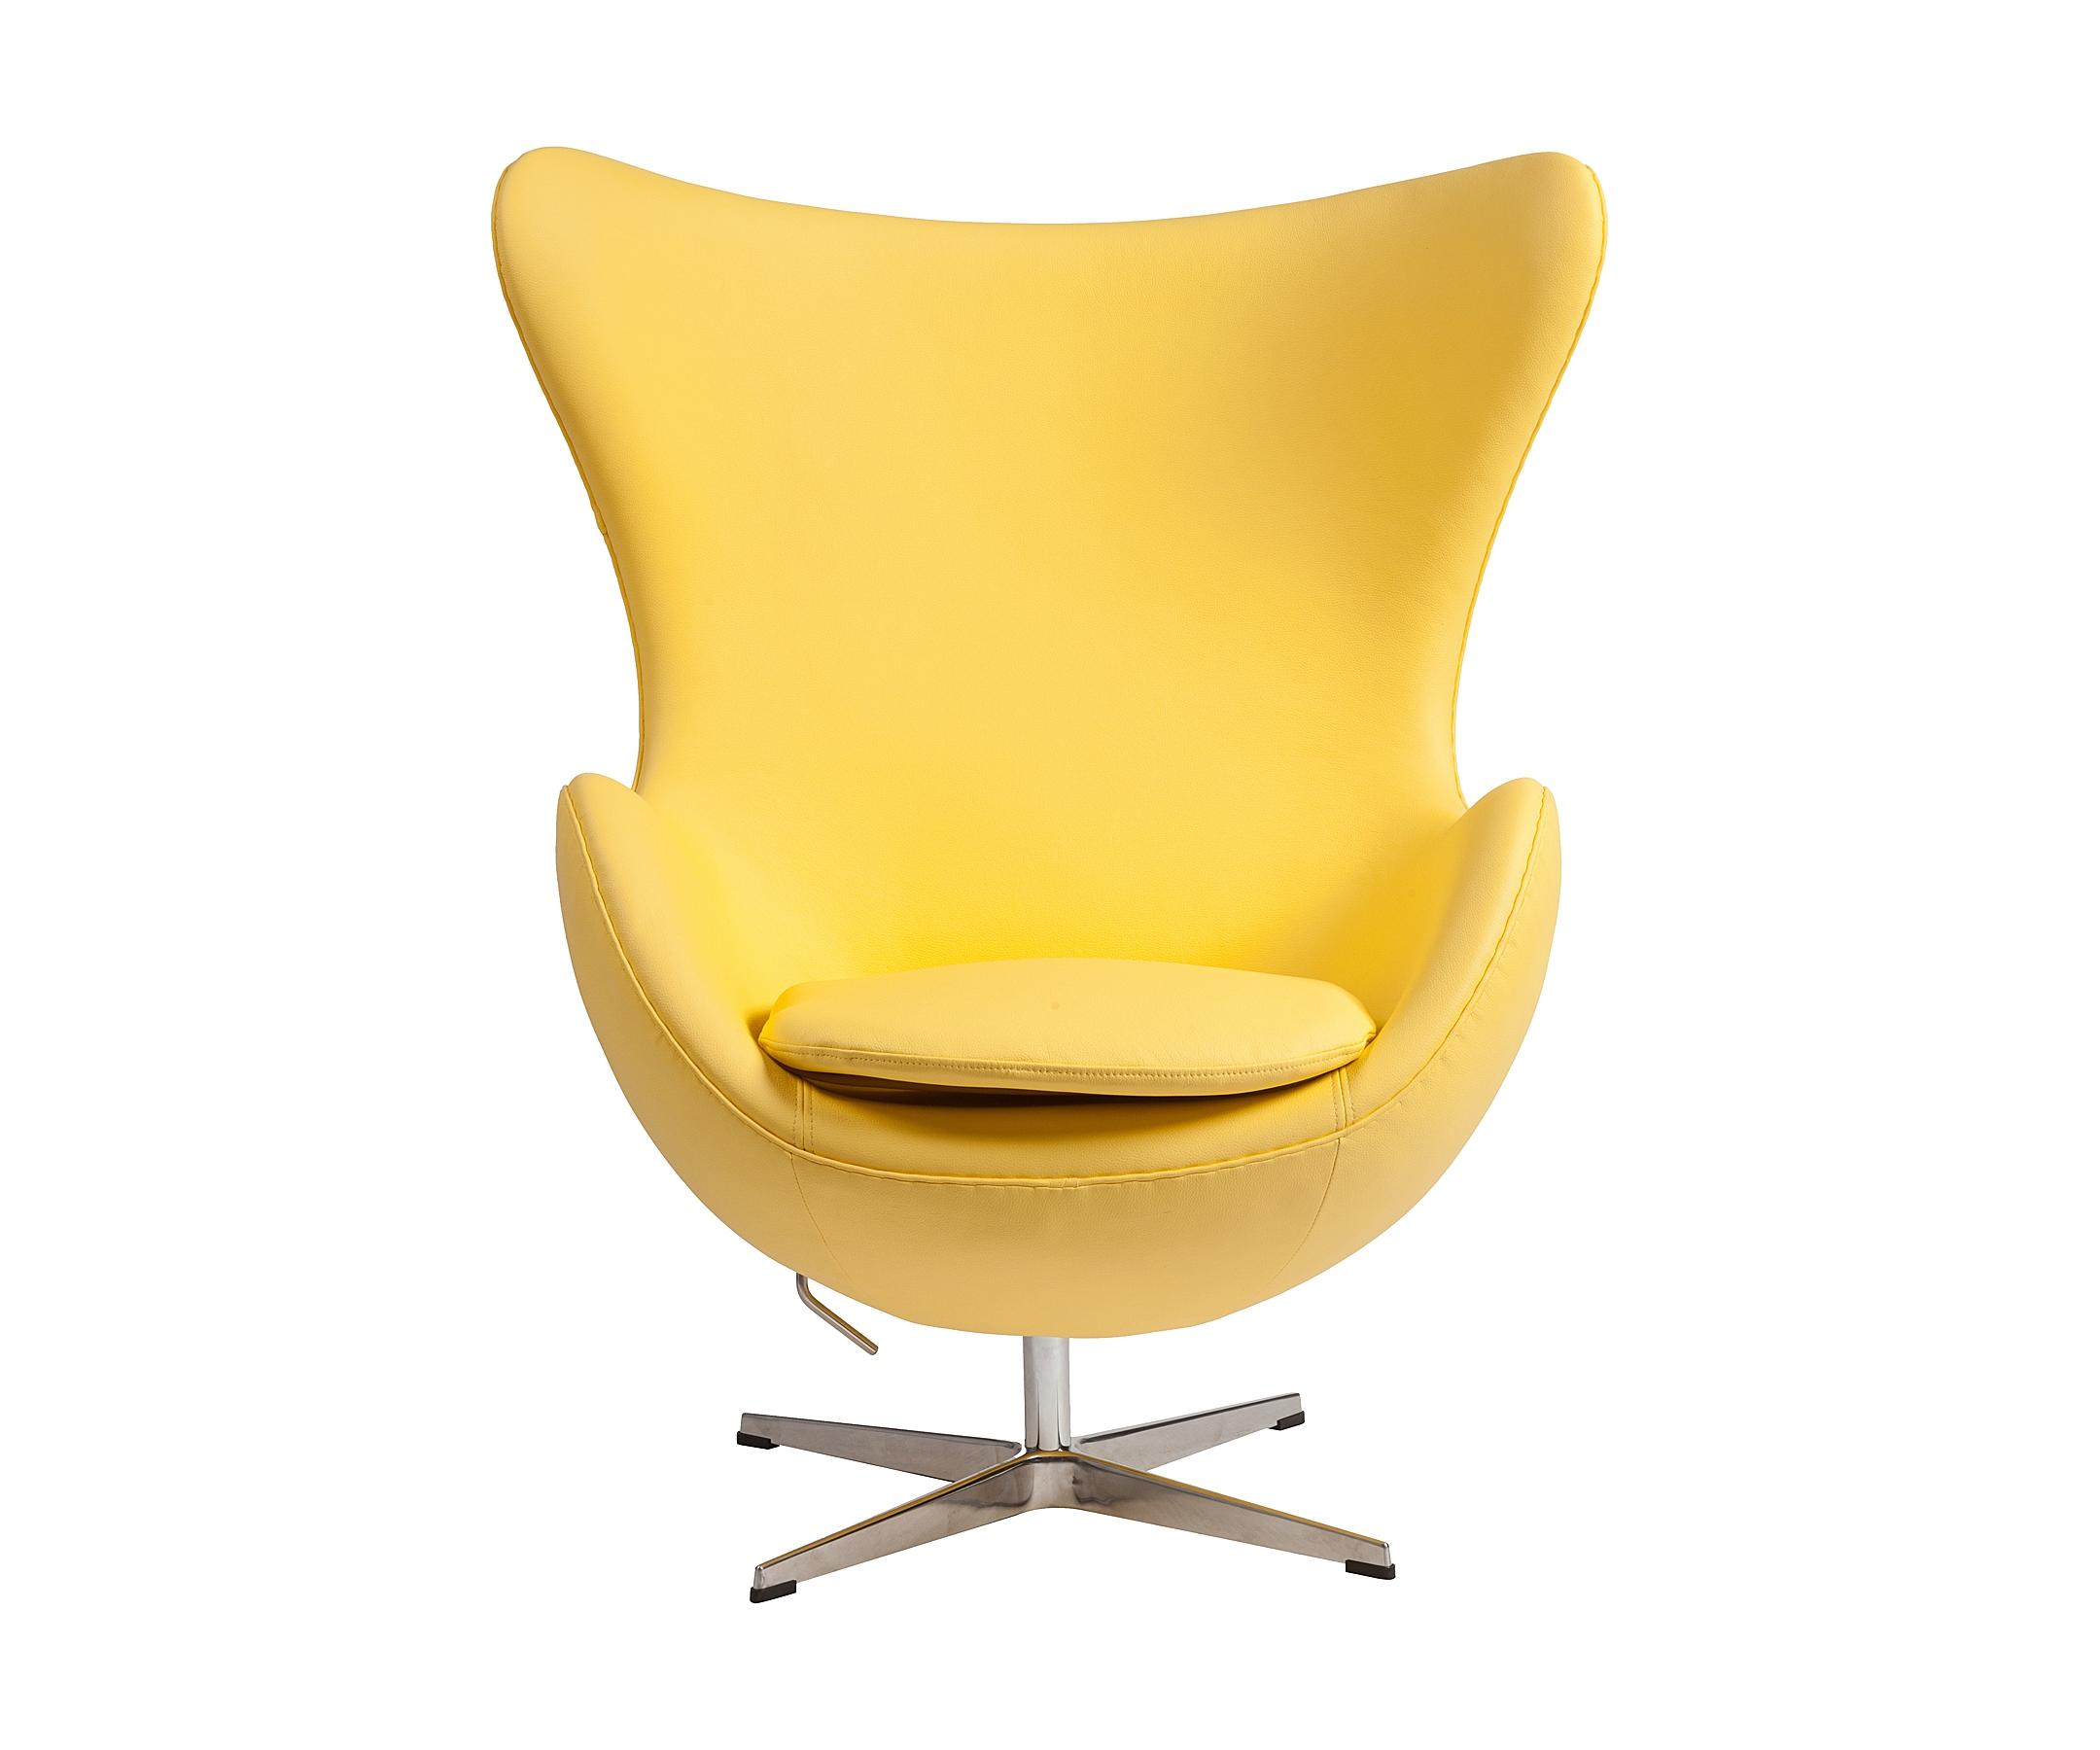 Кресло Egg ChairКресла с высокой спинкой<br><br><br>Material: Кожа<br>Width см: 82<br>Depth см: 76<br>Height см: 105